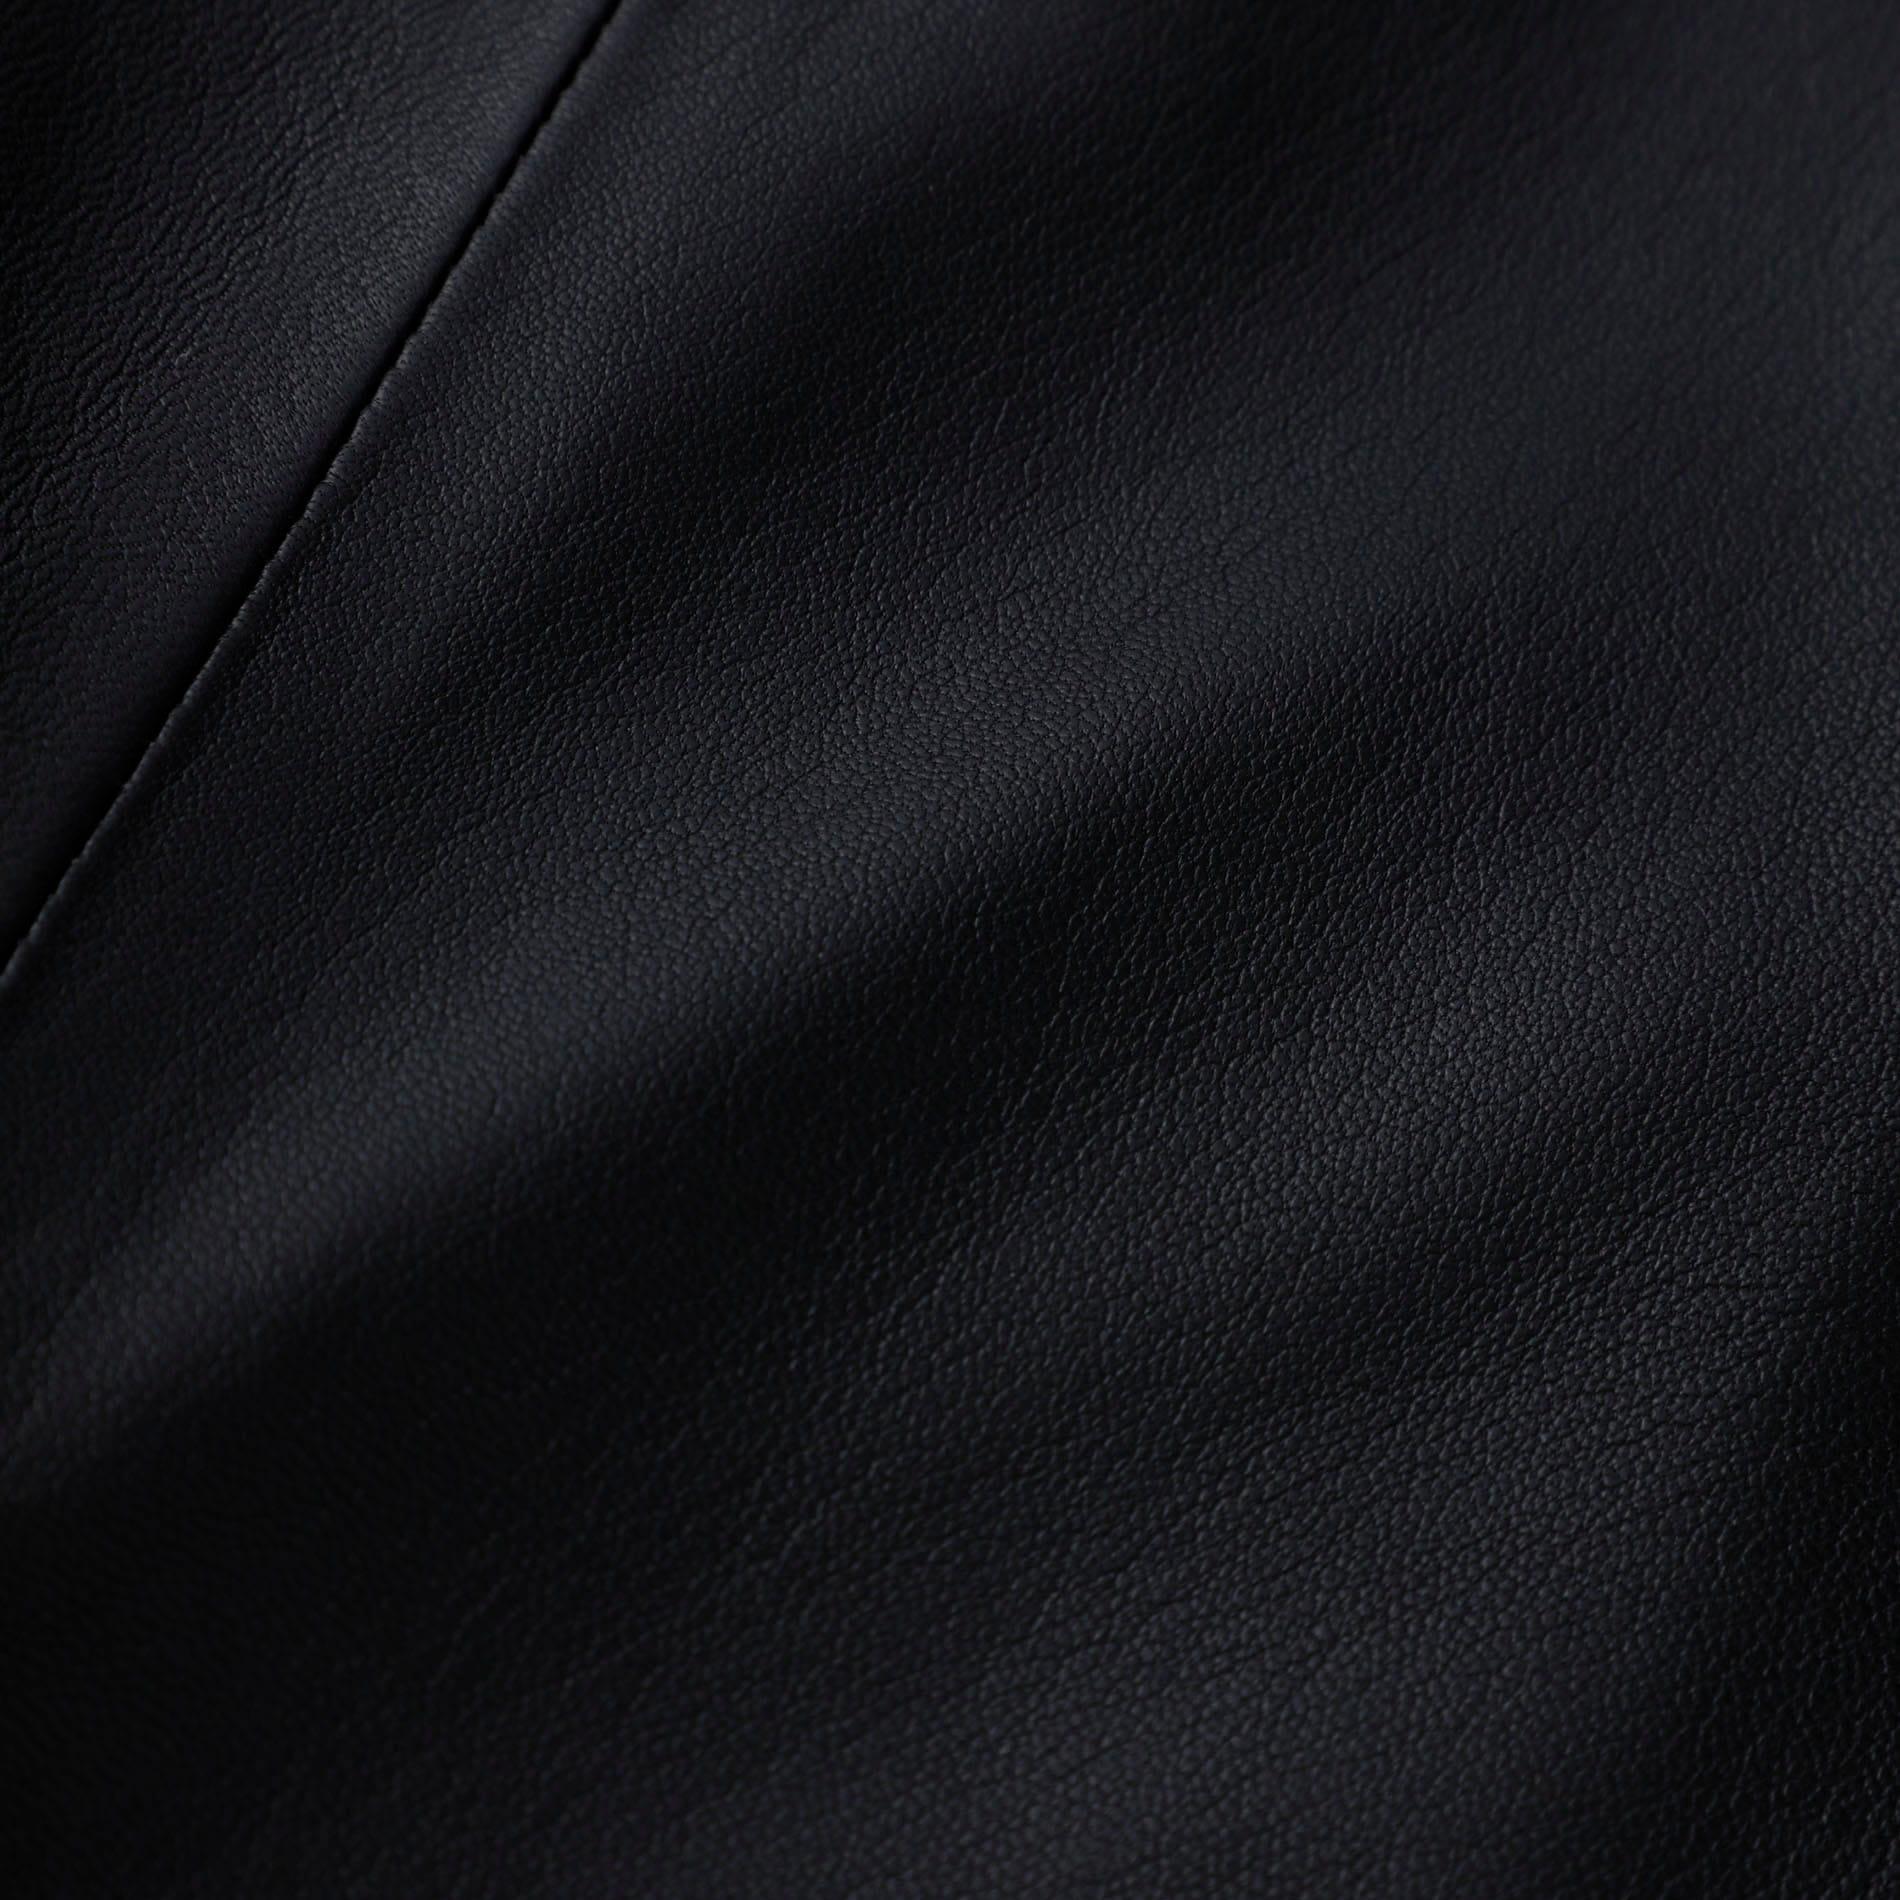 ブラック レザー ダブルライダース